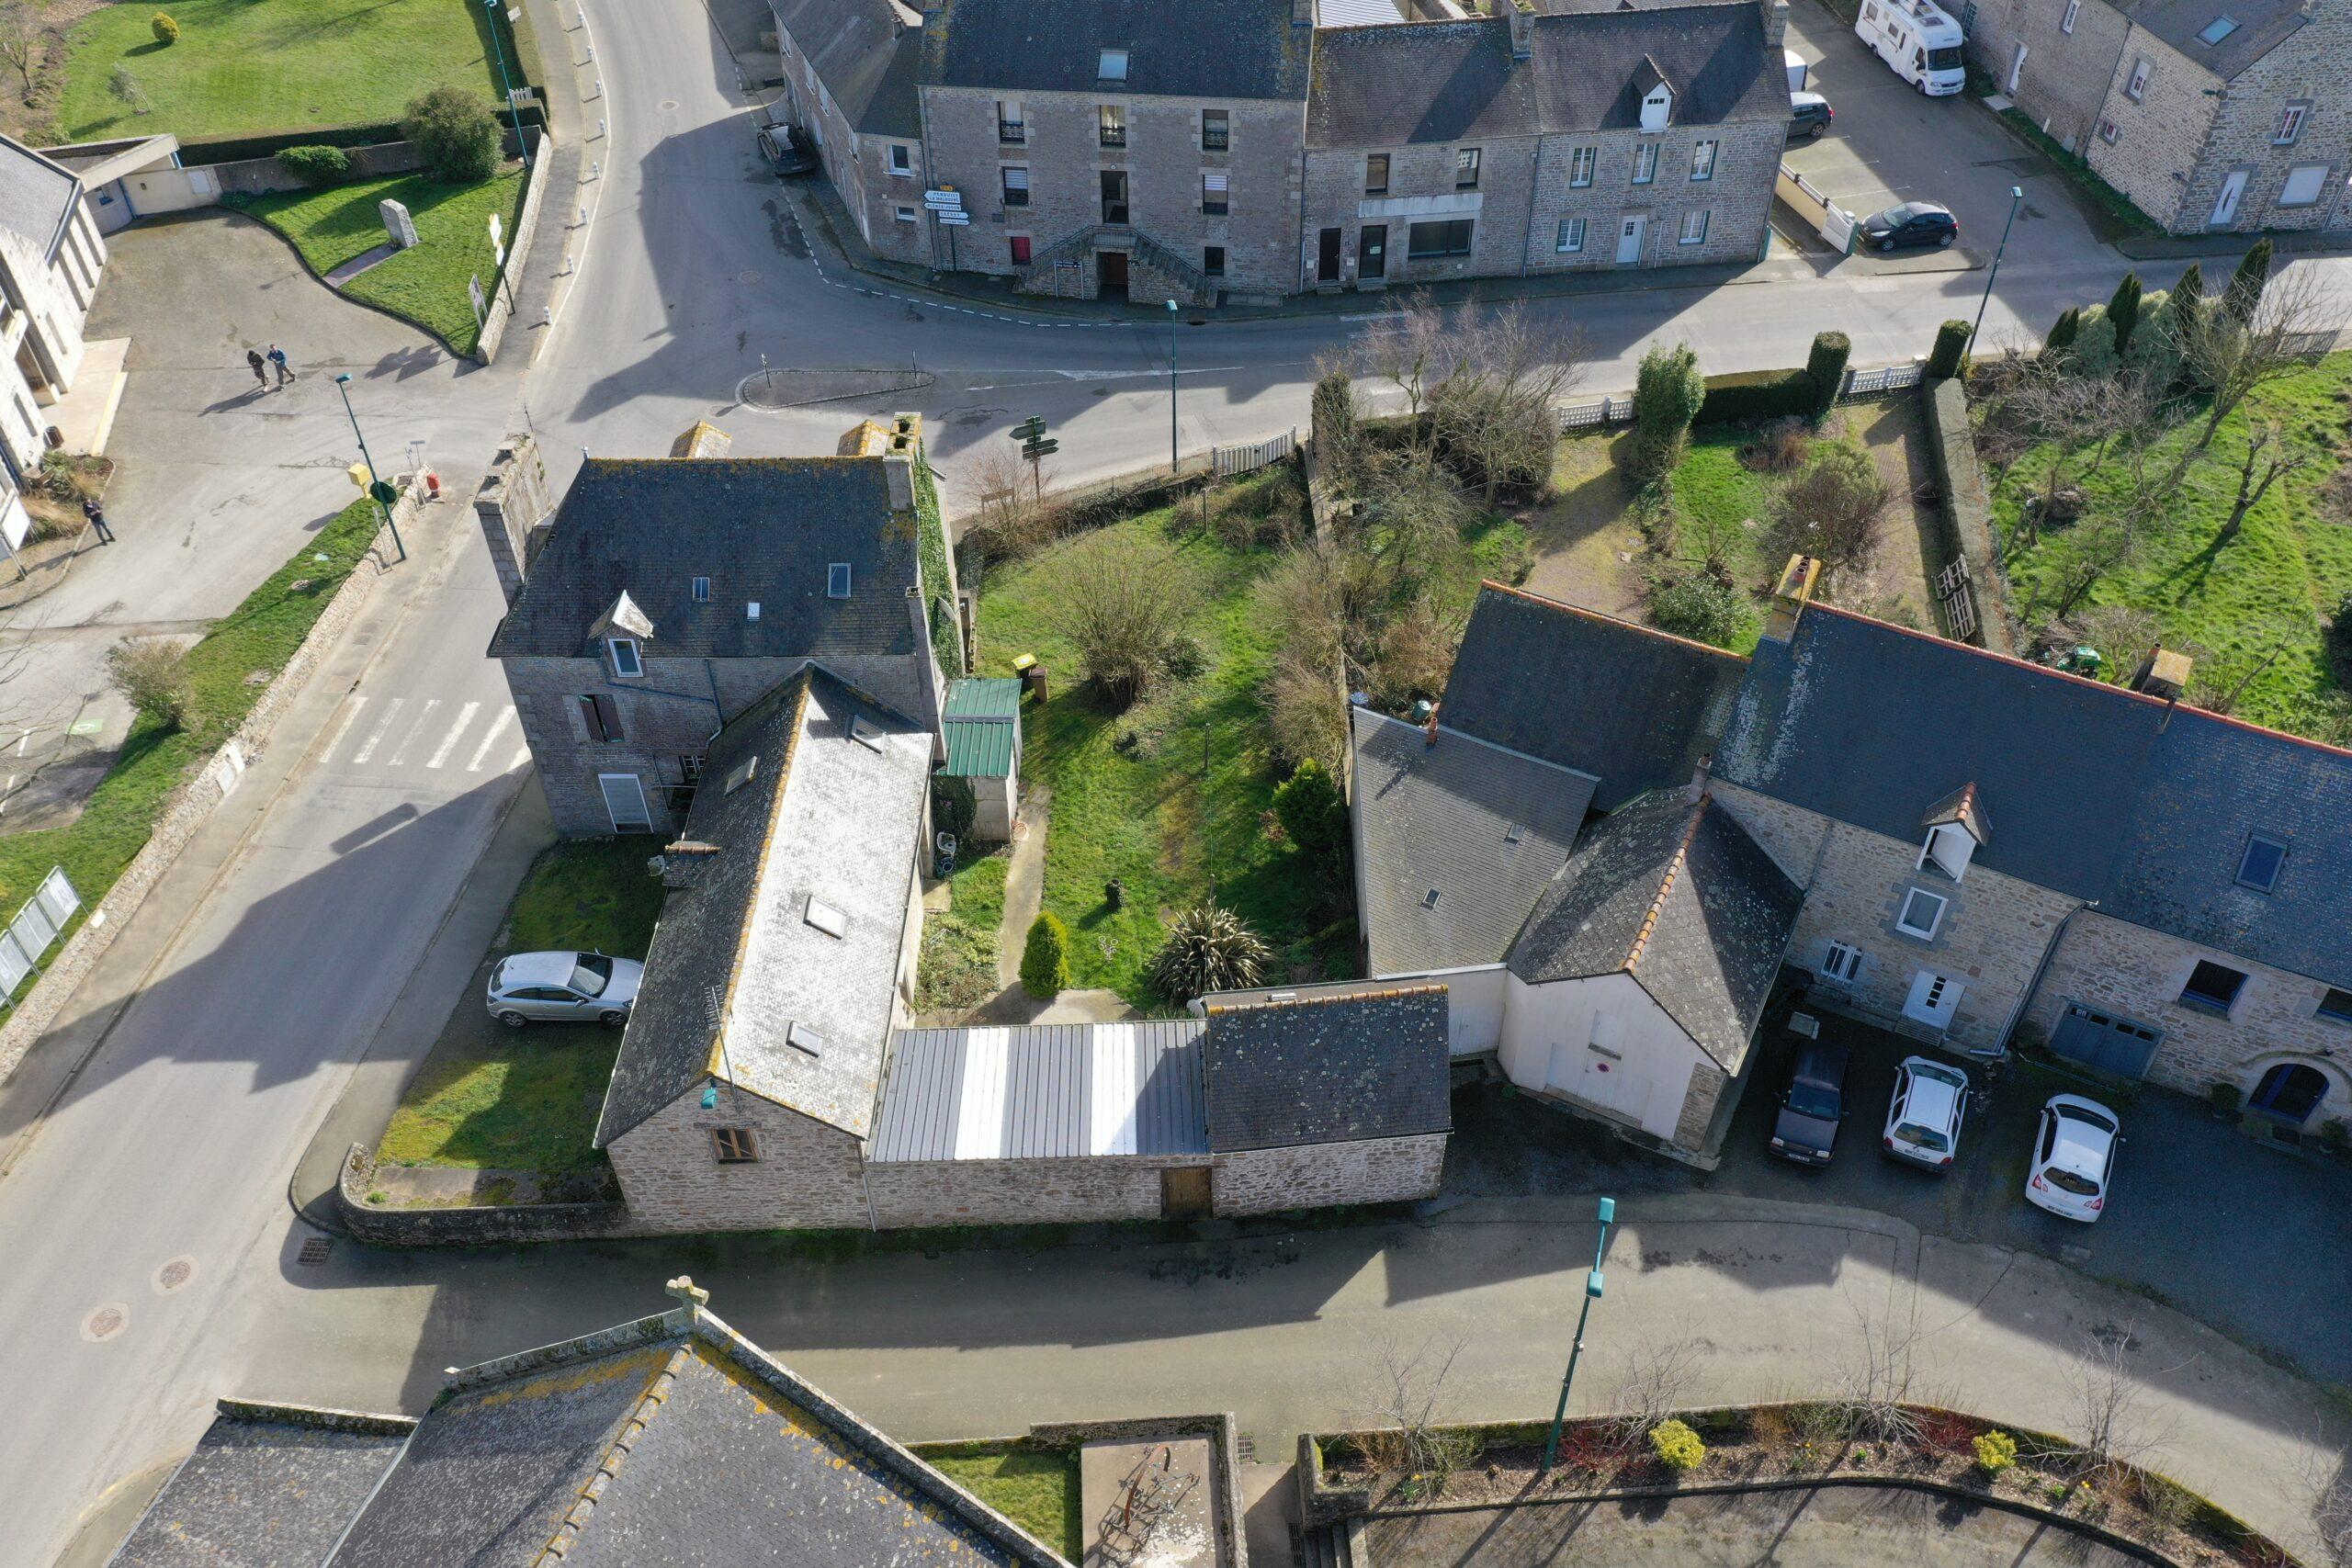 Restructuration complète de 2 maisons typiques Bretonnes d'époque